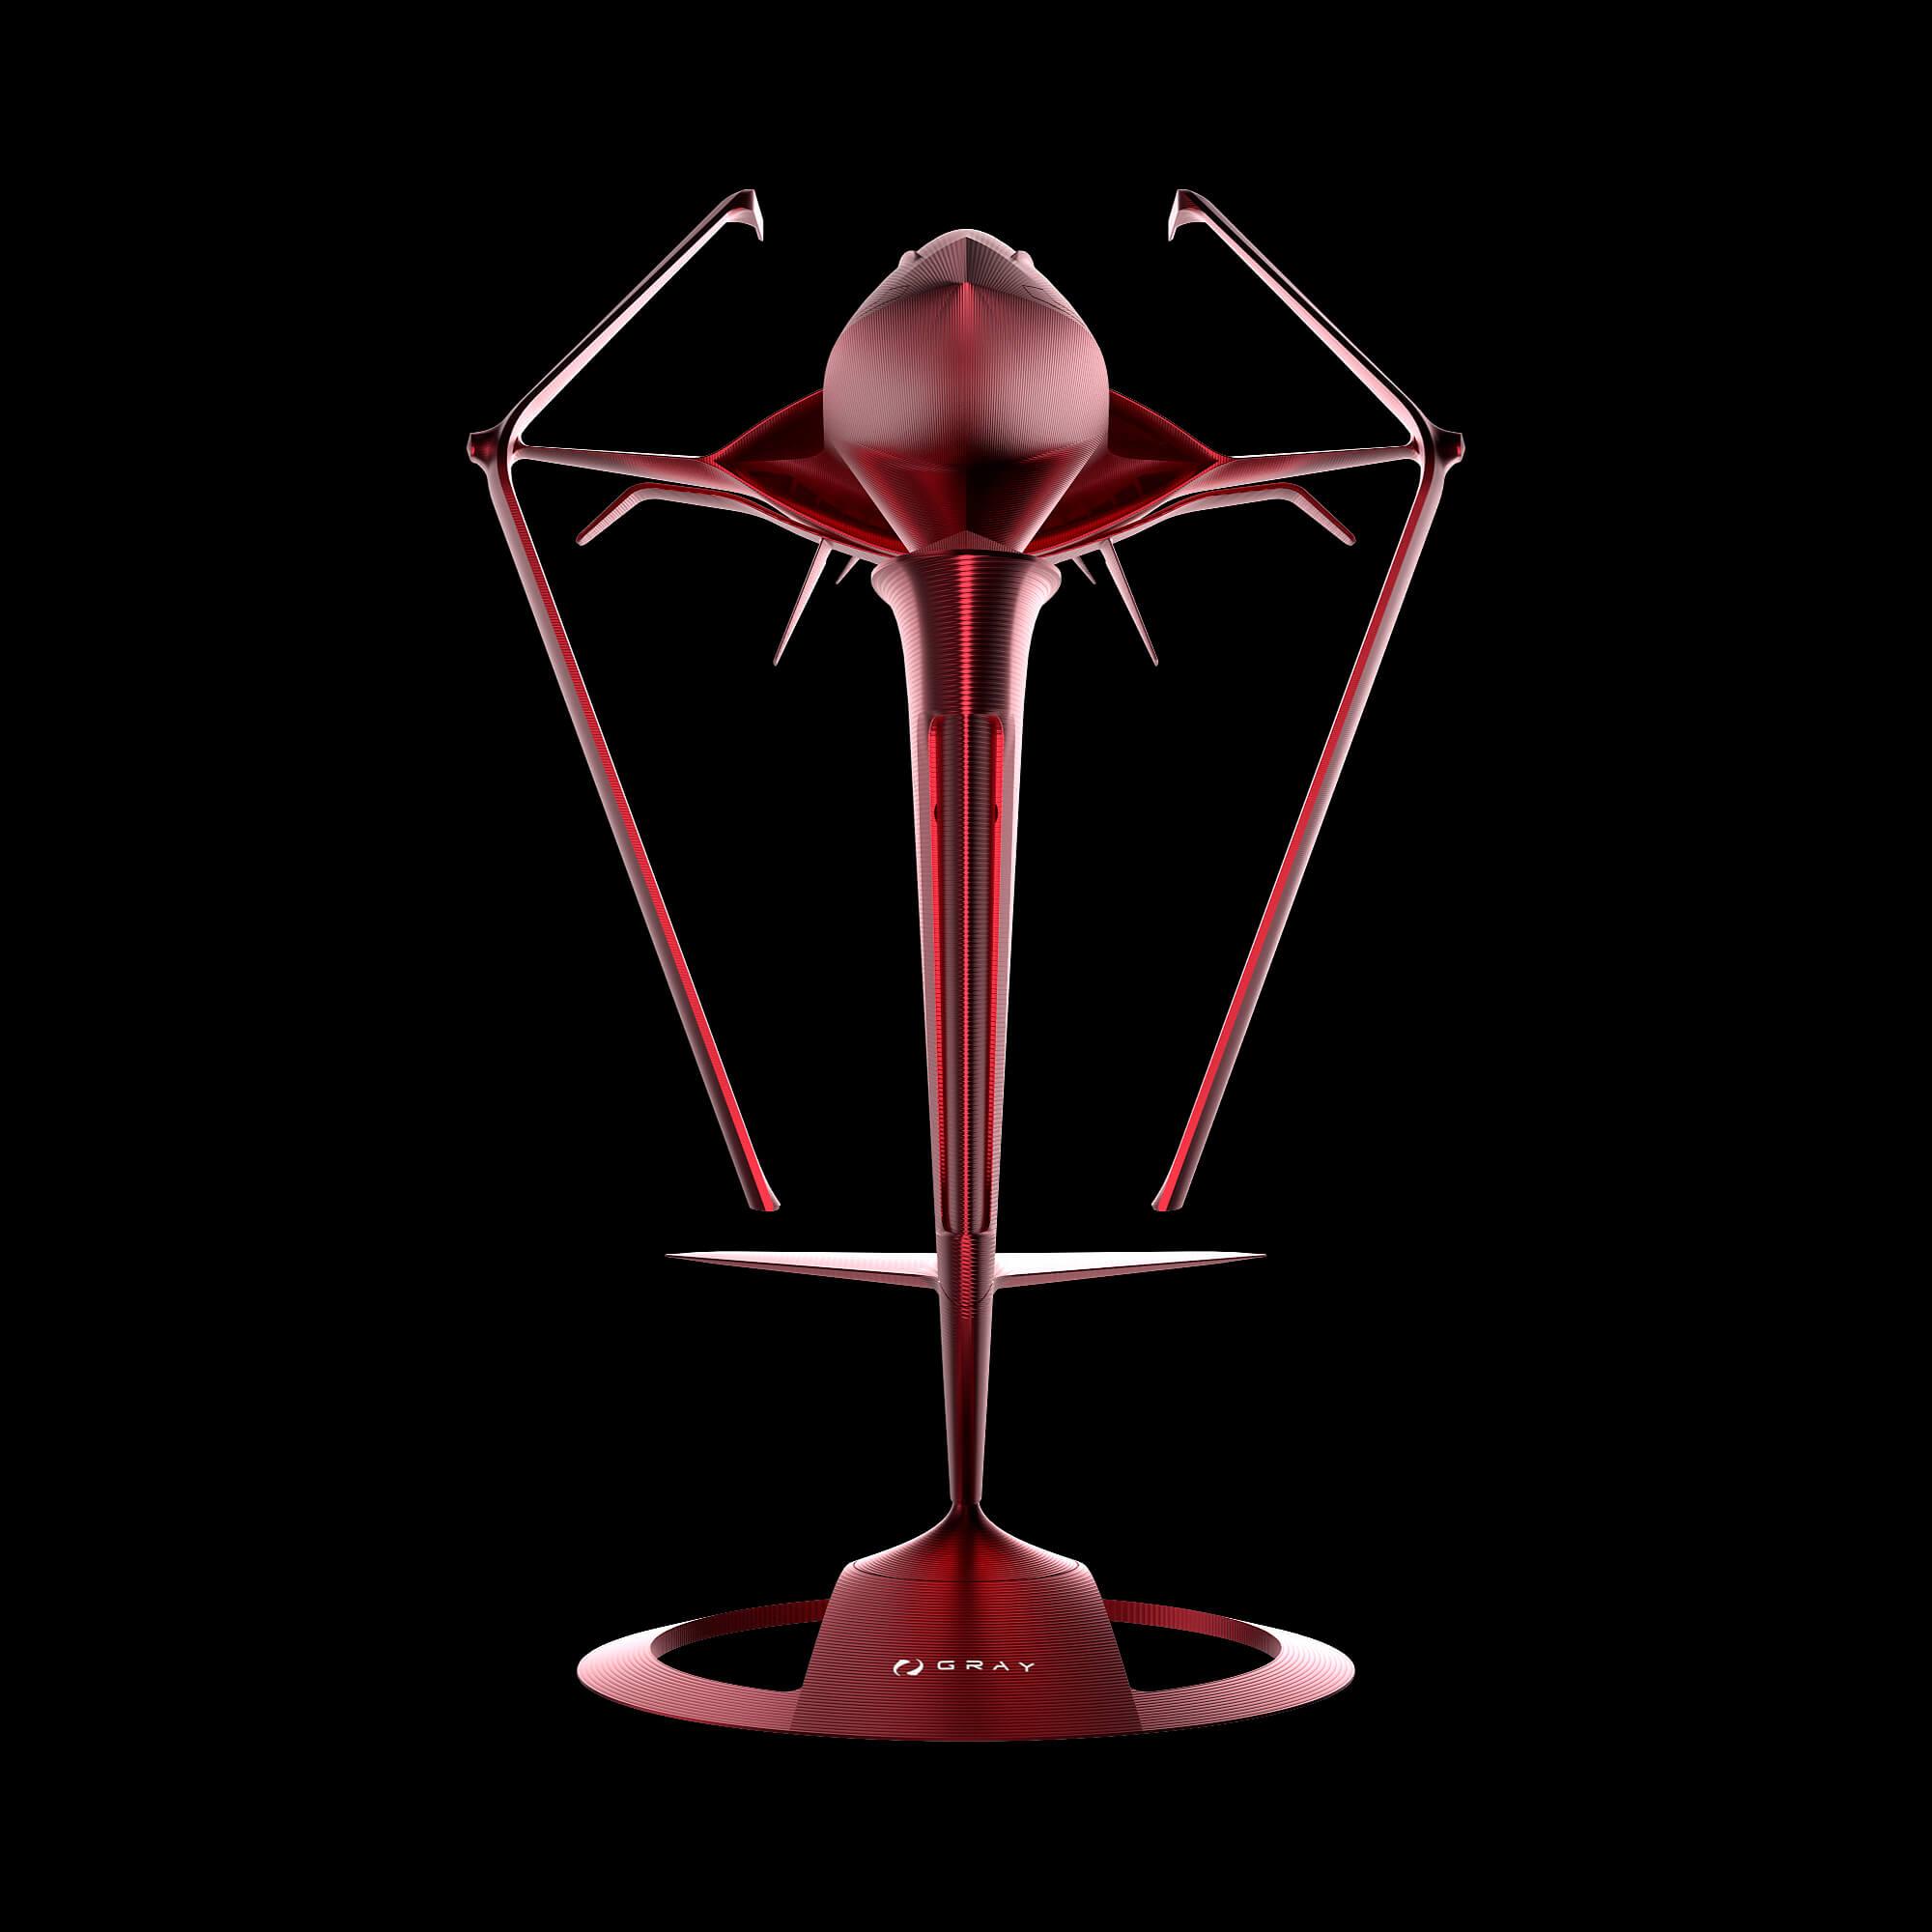 graycraft1-4 pulsar red aluminium spaceship art sculpture